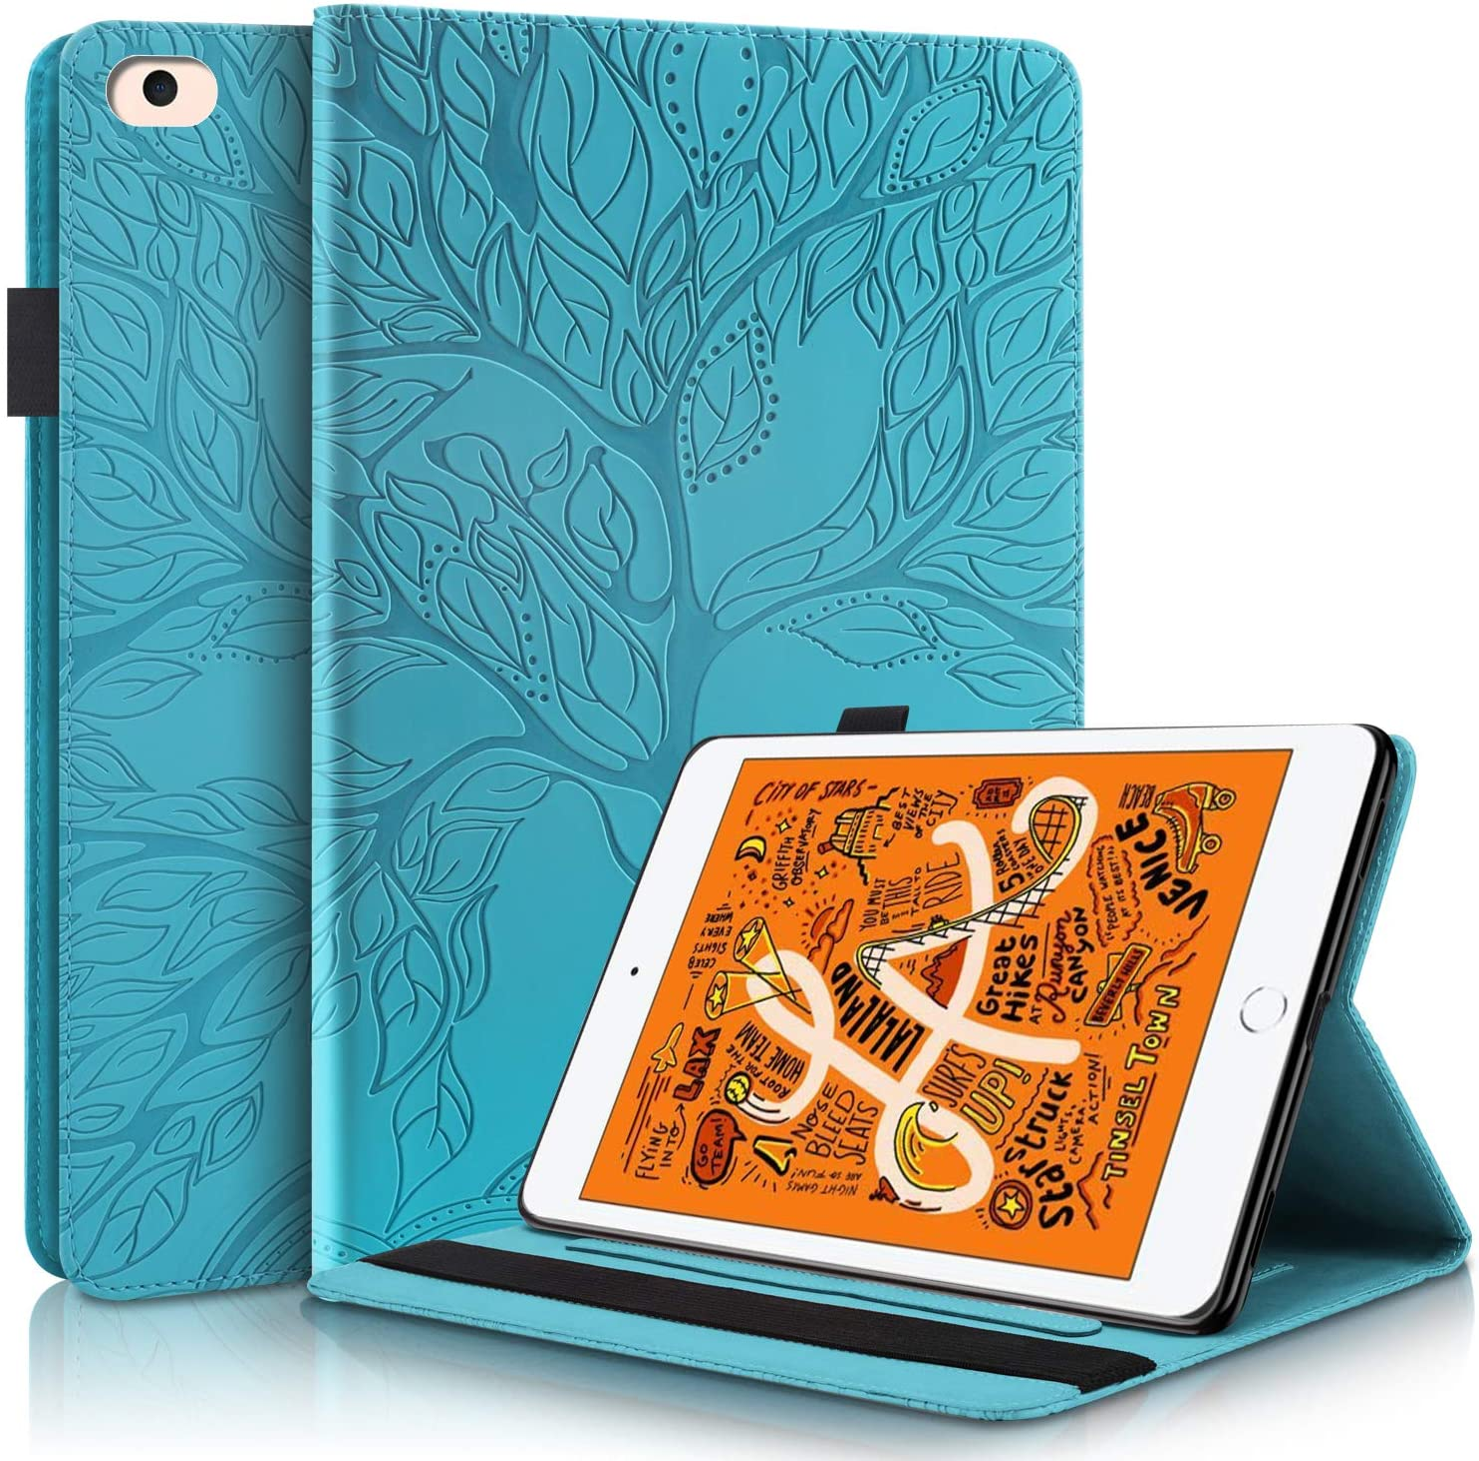 Pefcase iPad Mini 6 Case, iPad Mini 1/2/3/4/5th Generation Cover, Multi-Angle Viewing Folio Smart PU Leather Cover with Auto Sleep/Wake for Apple iPad Mini 7.9 inch Life Tree - Turquoise